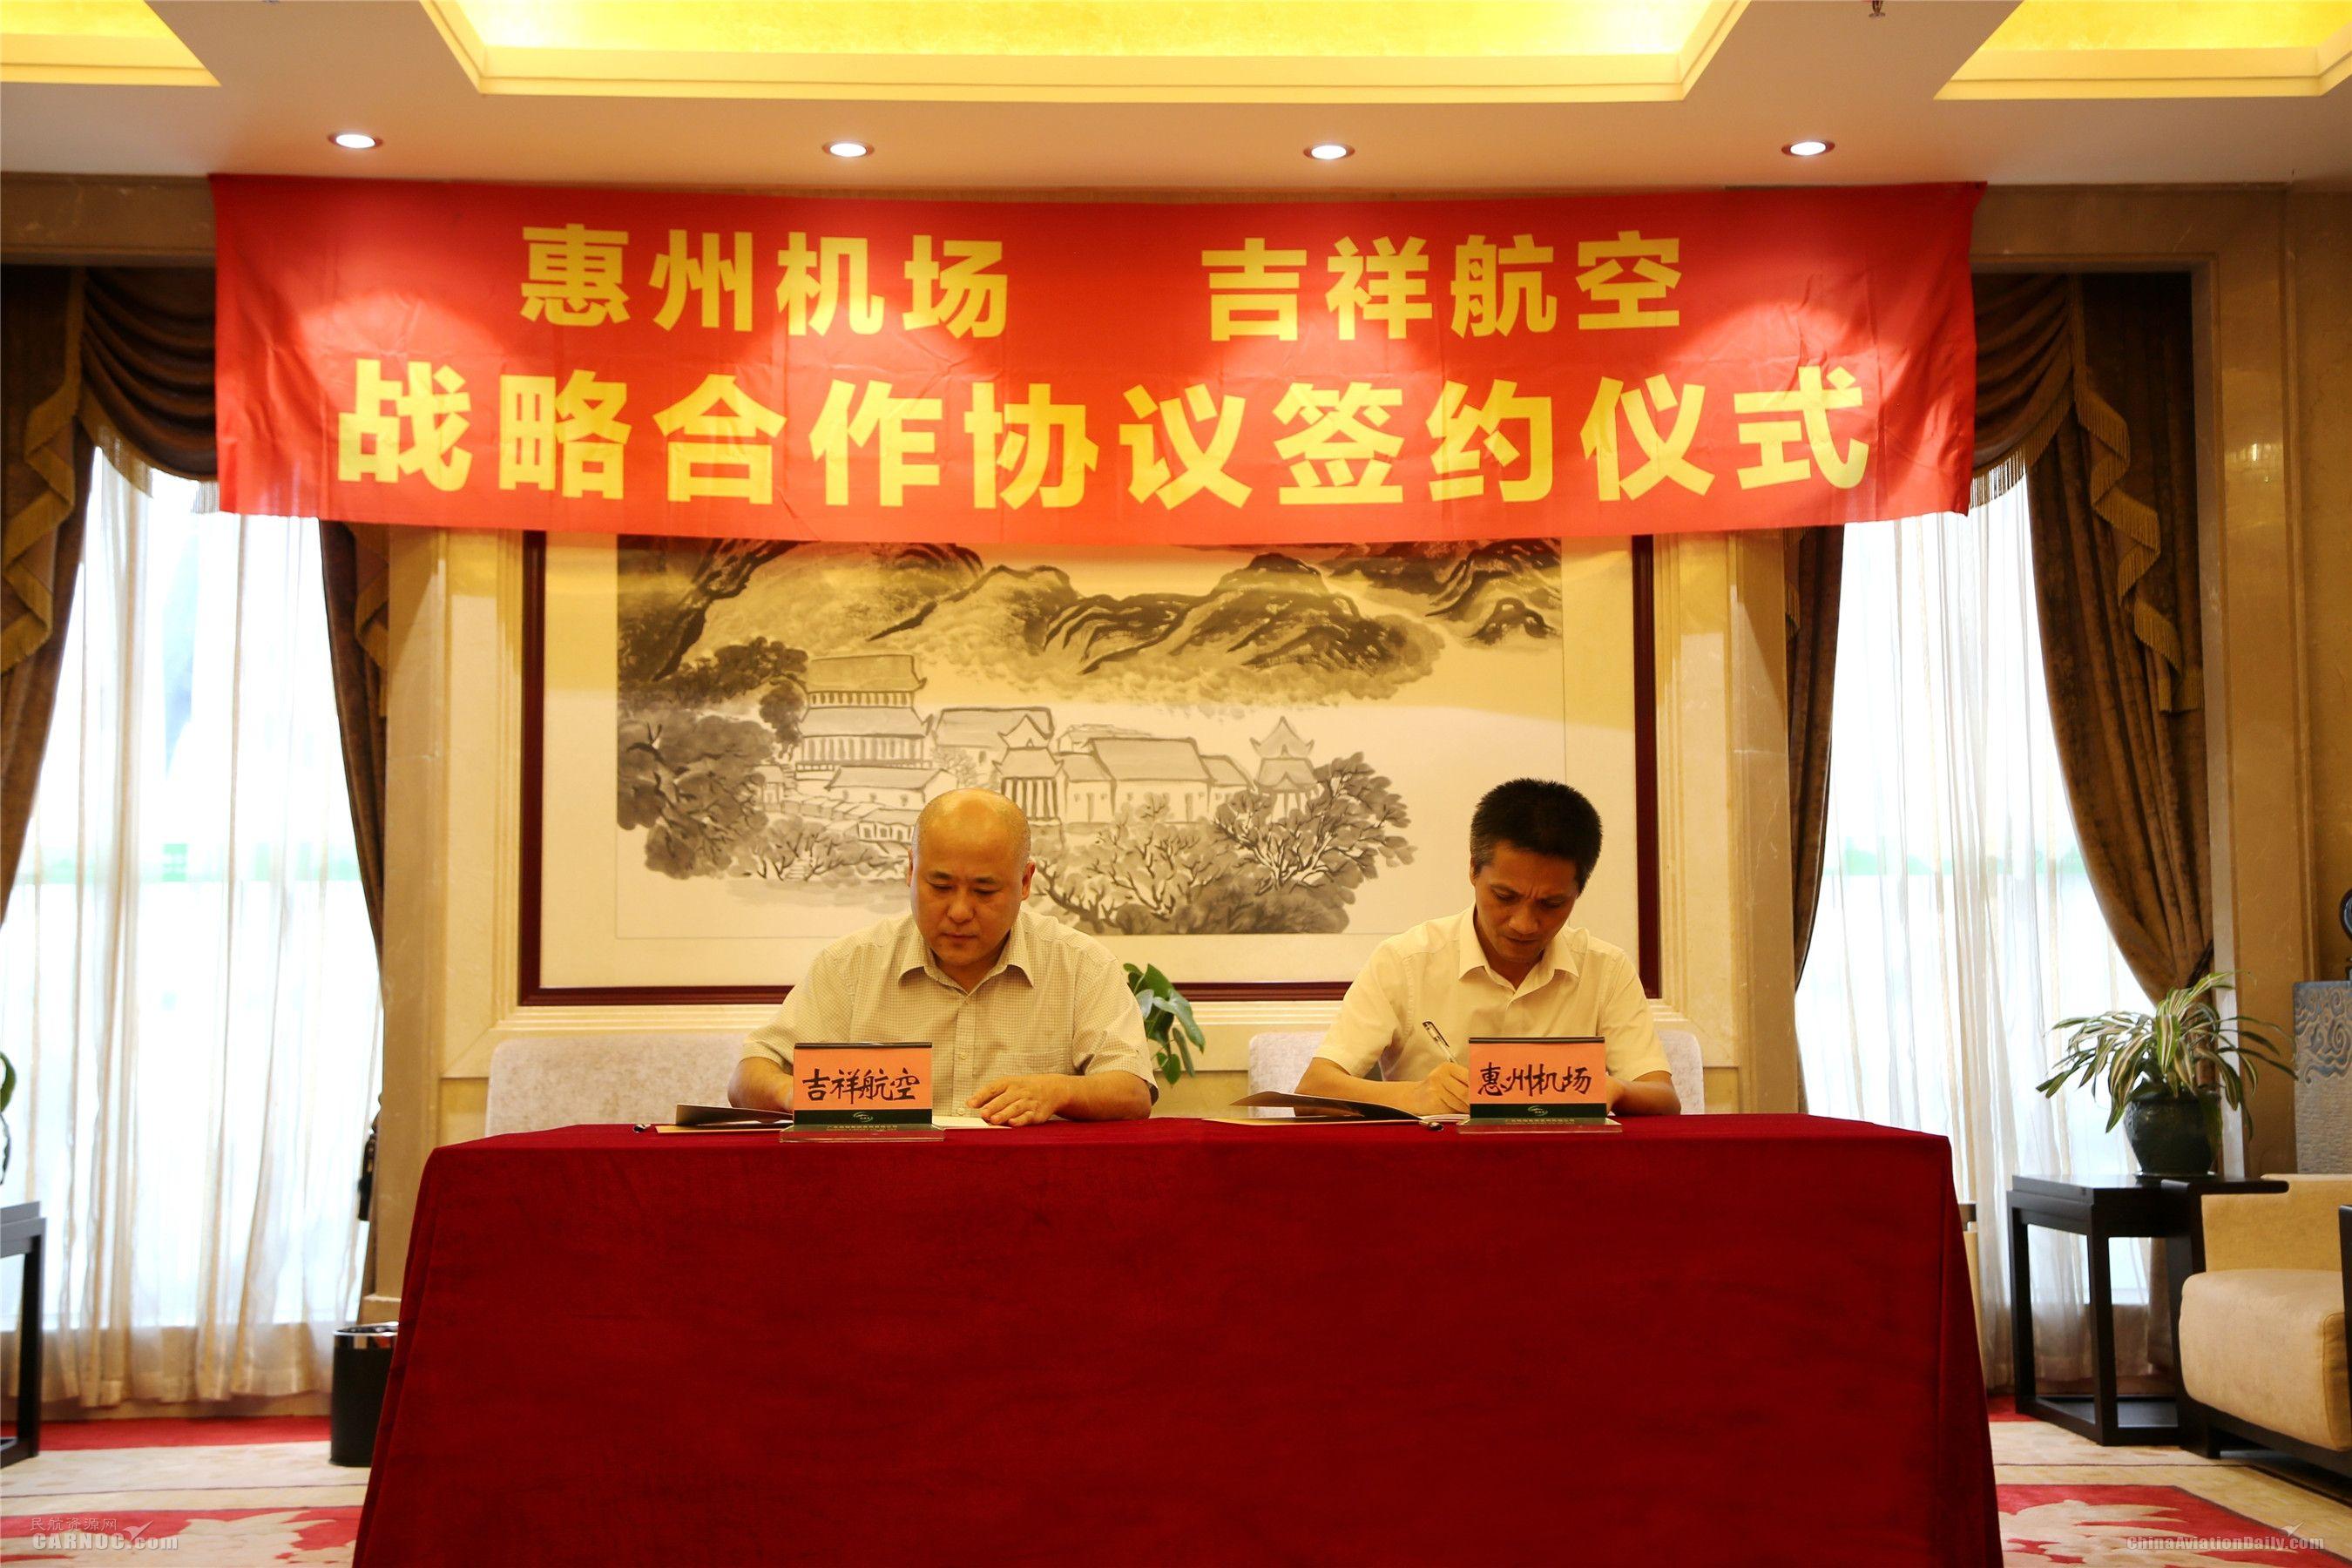 惠州机场与吉祥航空签署战略合作协议